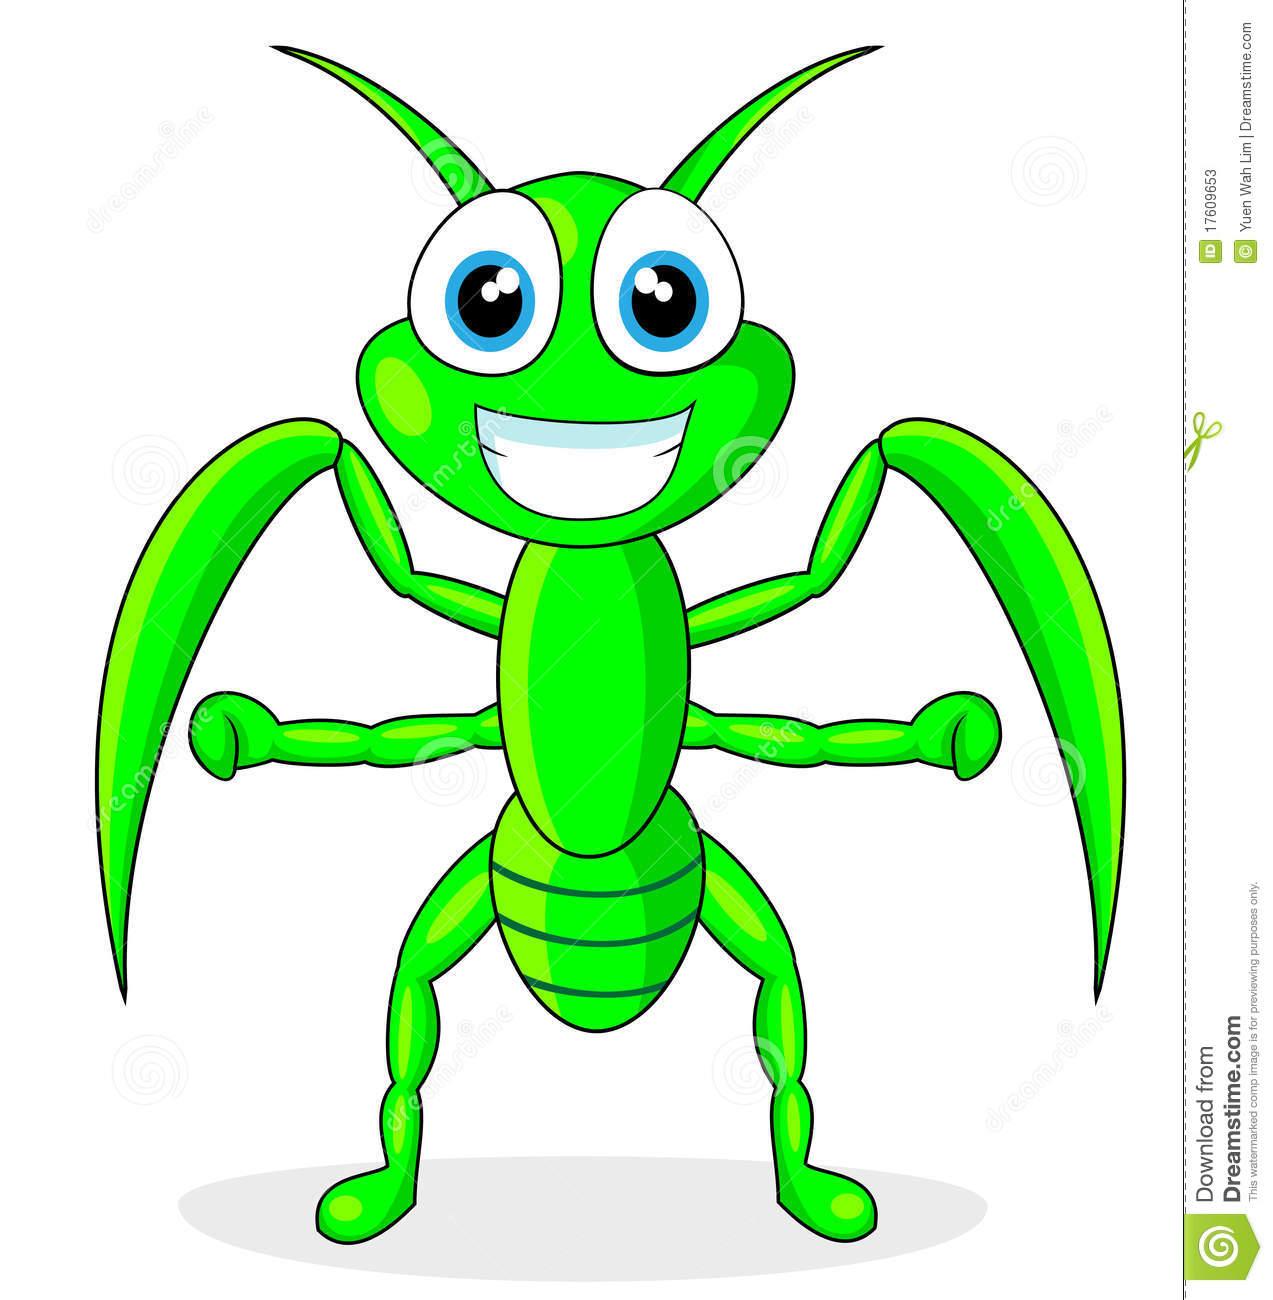 Mantis clipart #15